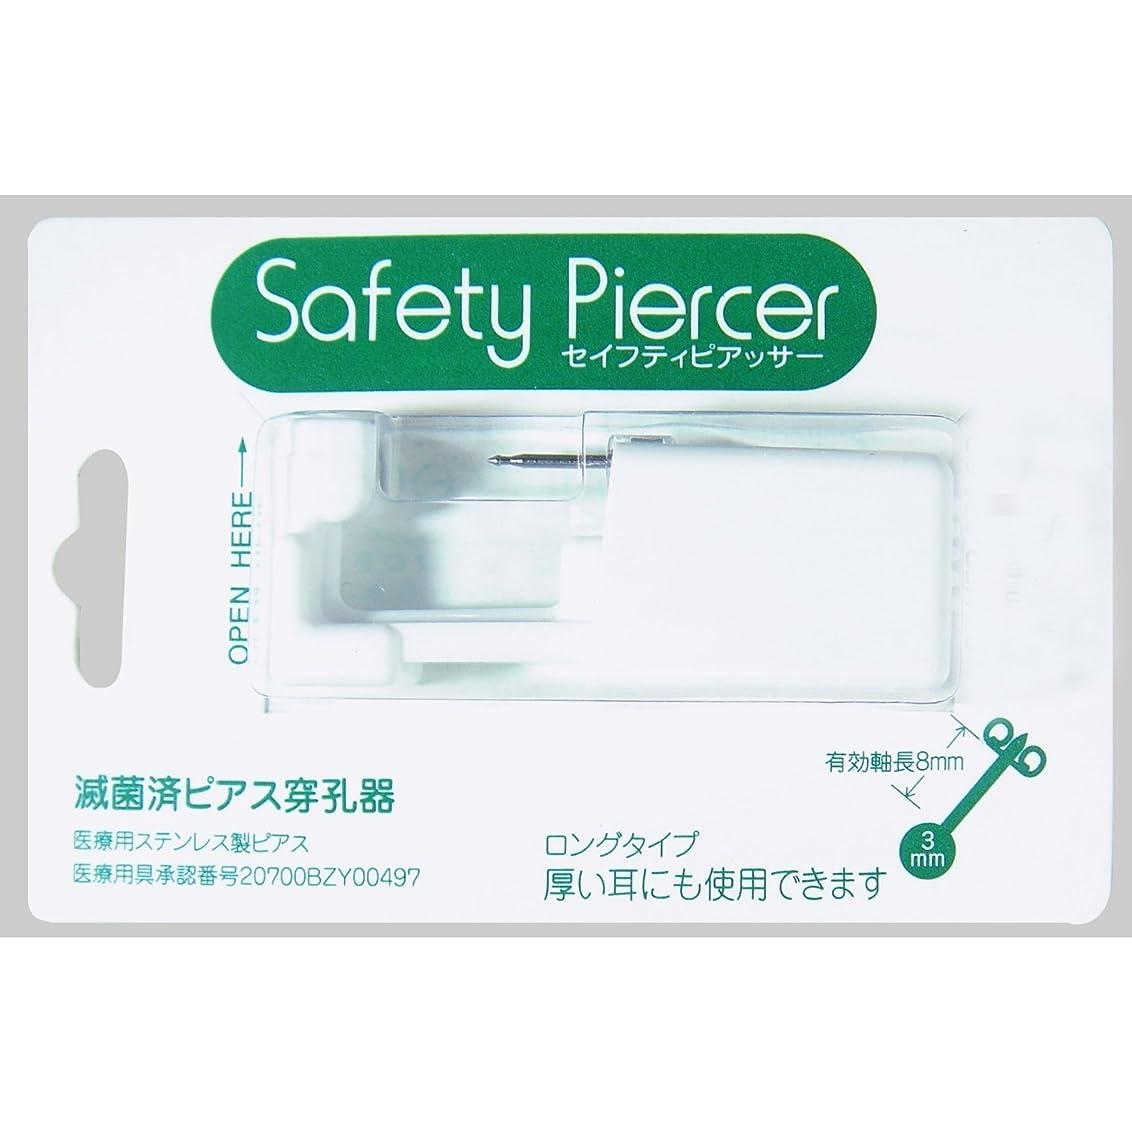 セイフティピアッサー シルバー (医療用ステンレス) 3mm アレキサンドライト色 5M106WL